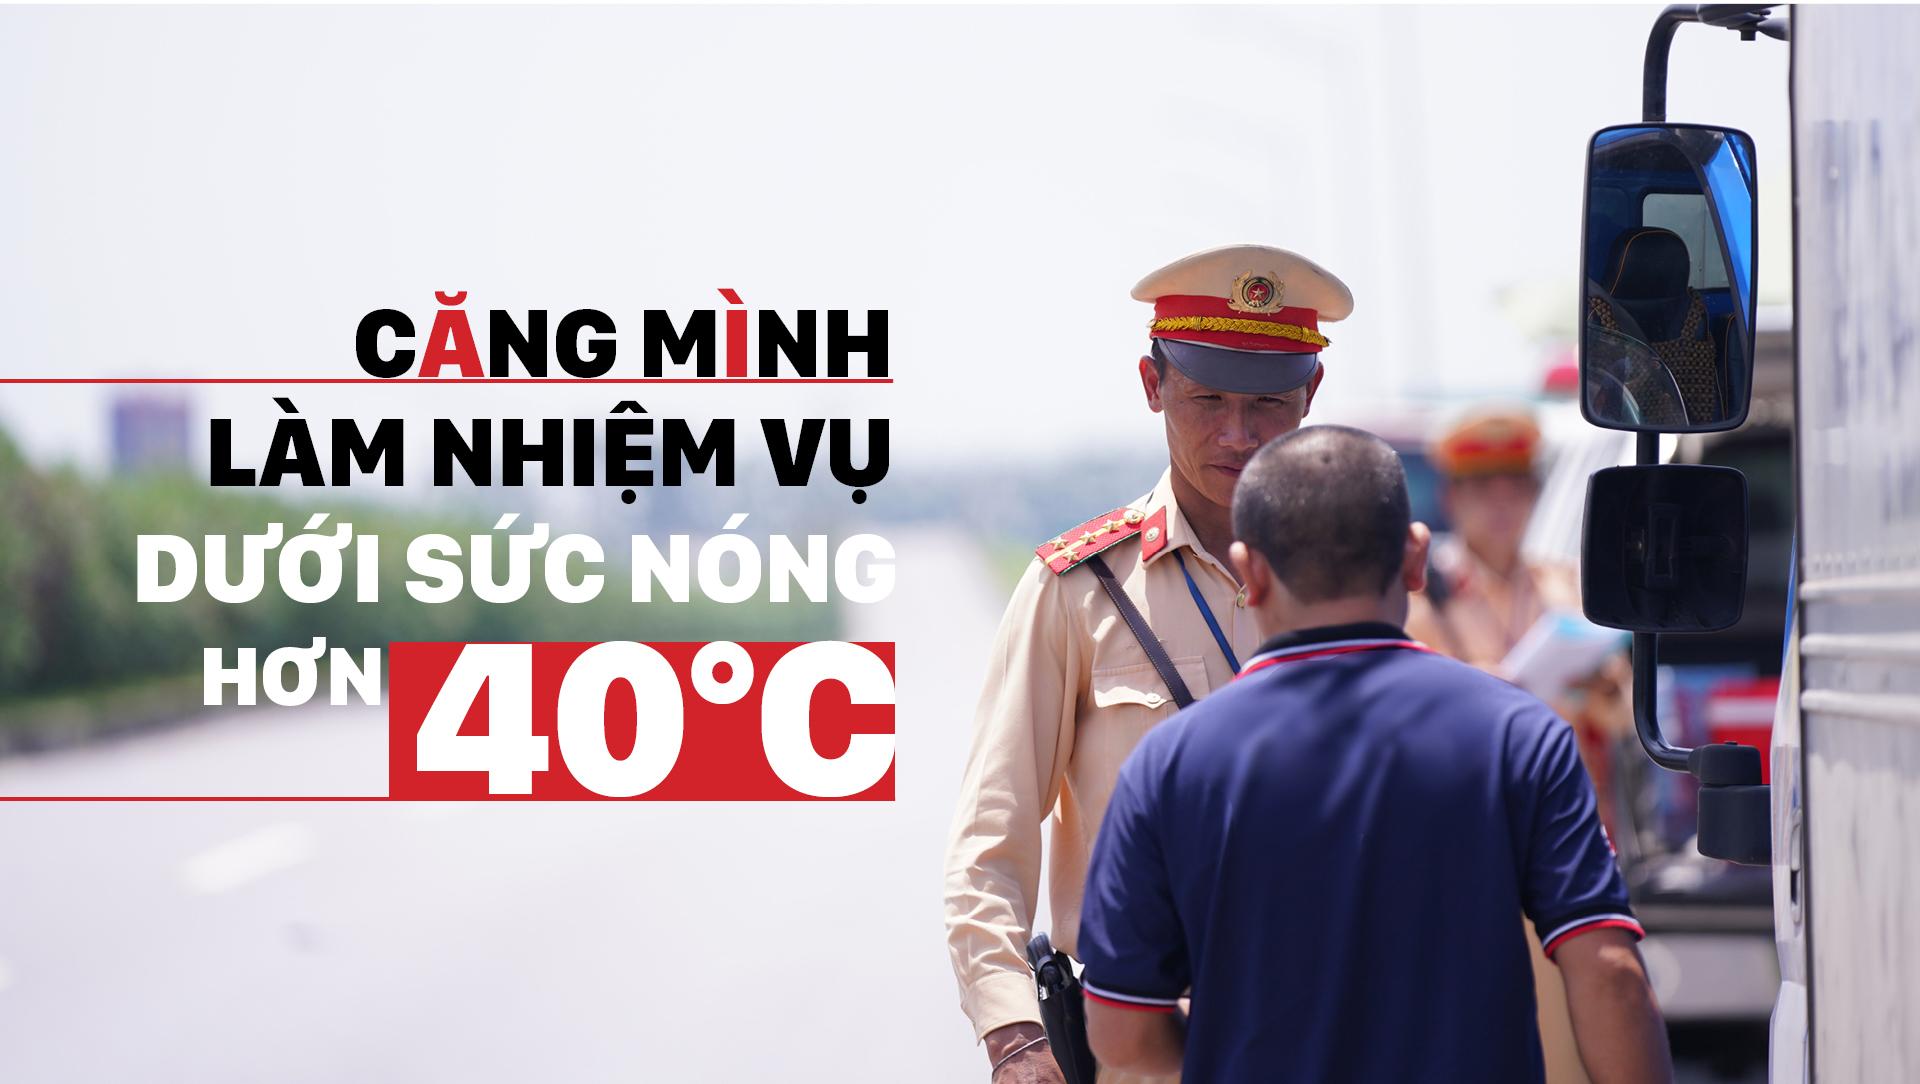 Căng mình làm nhiệm vụ dưới sức nóng hơn 40°C